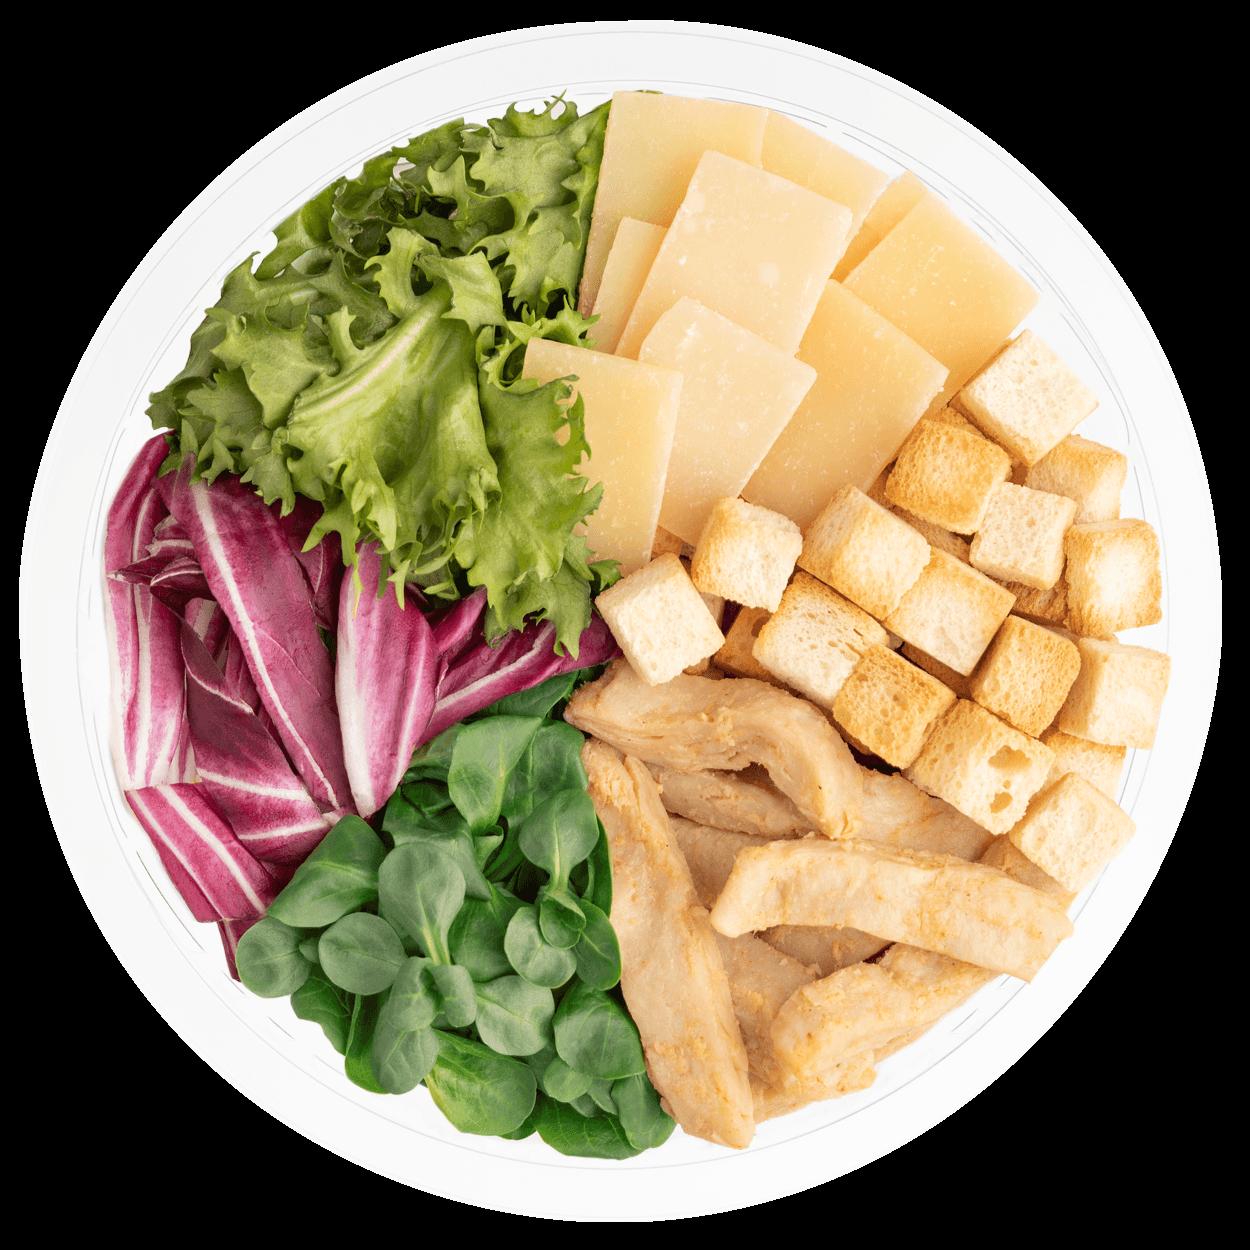 Ensalada completa césar vegetariana con queso curado, proteína vegetal, salsa césar vegetariana, picatostes originales, canónigo verde, escarola rizada y radicchio